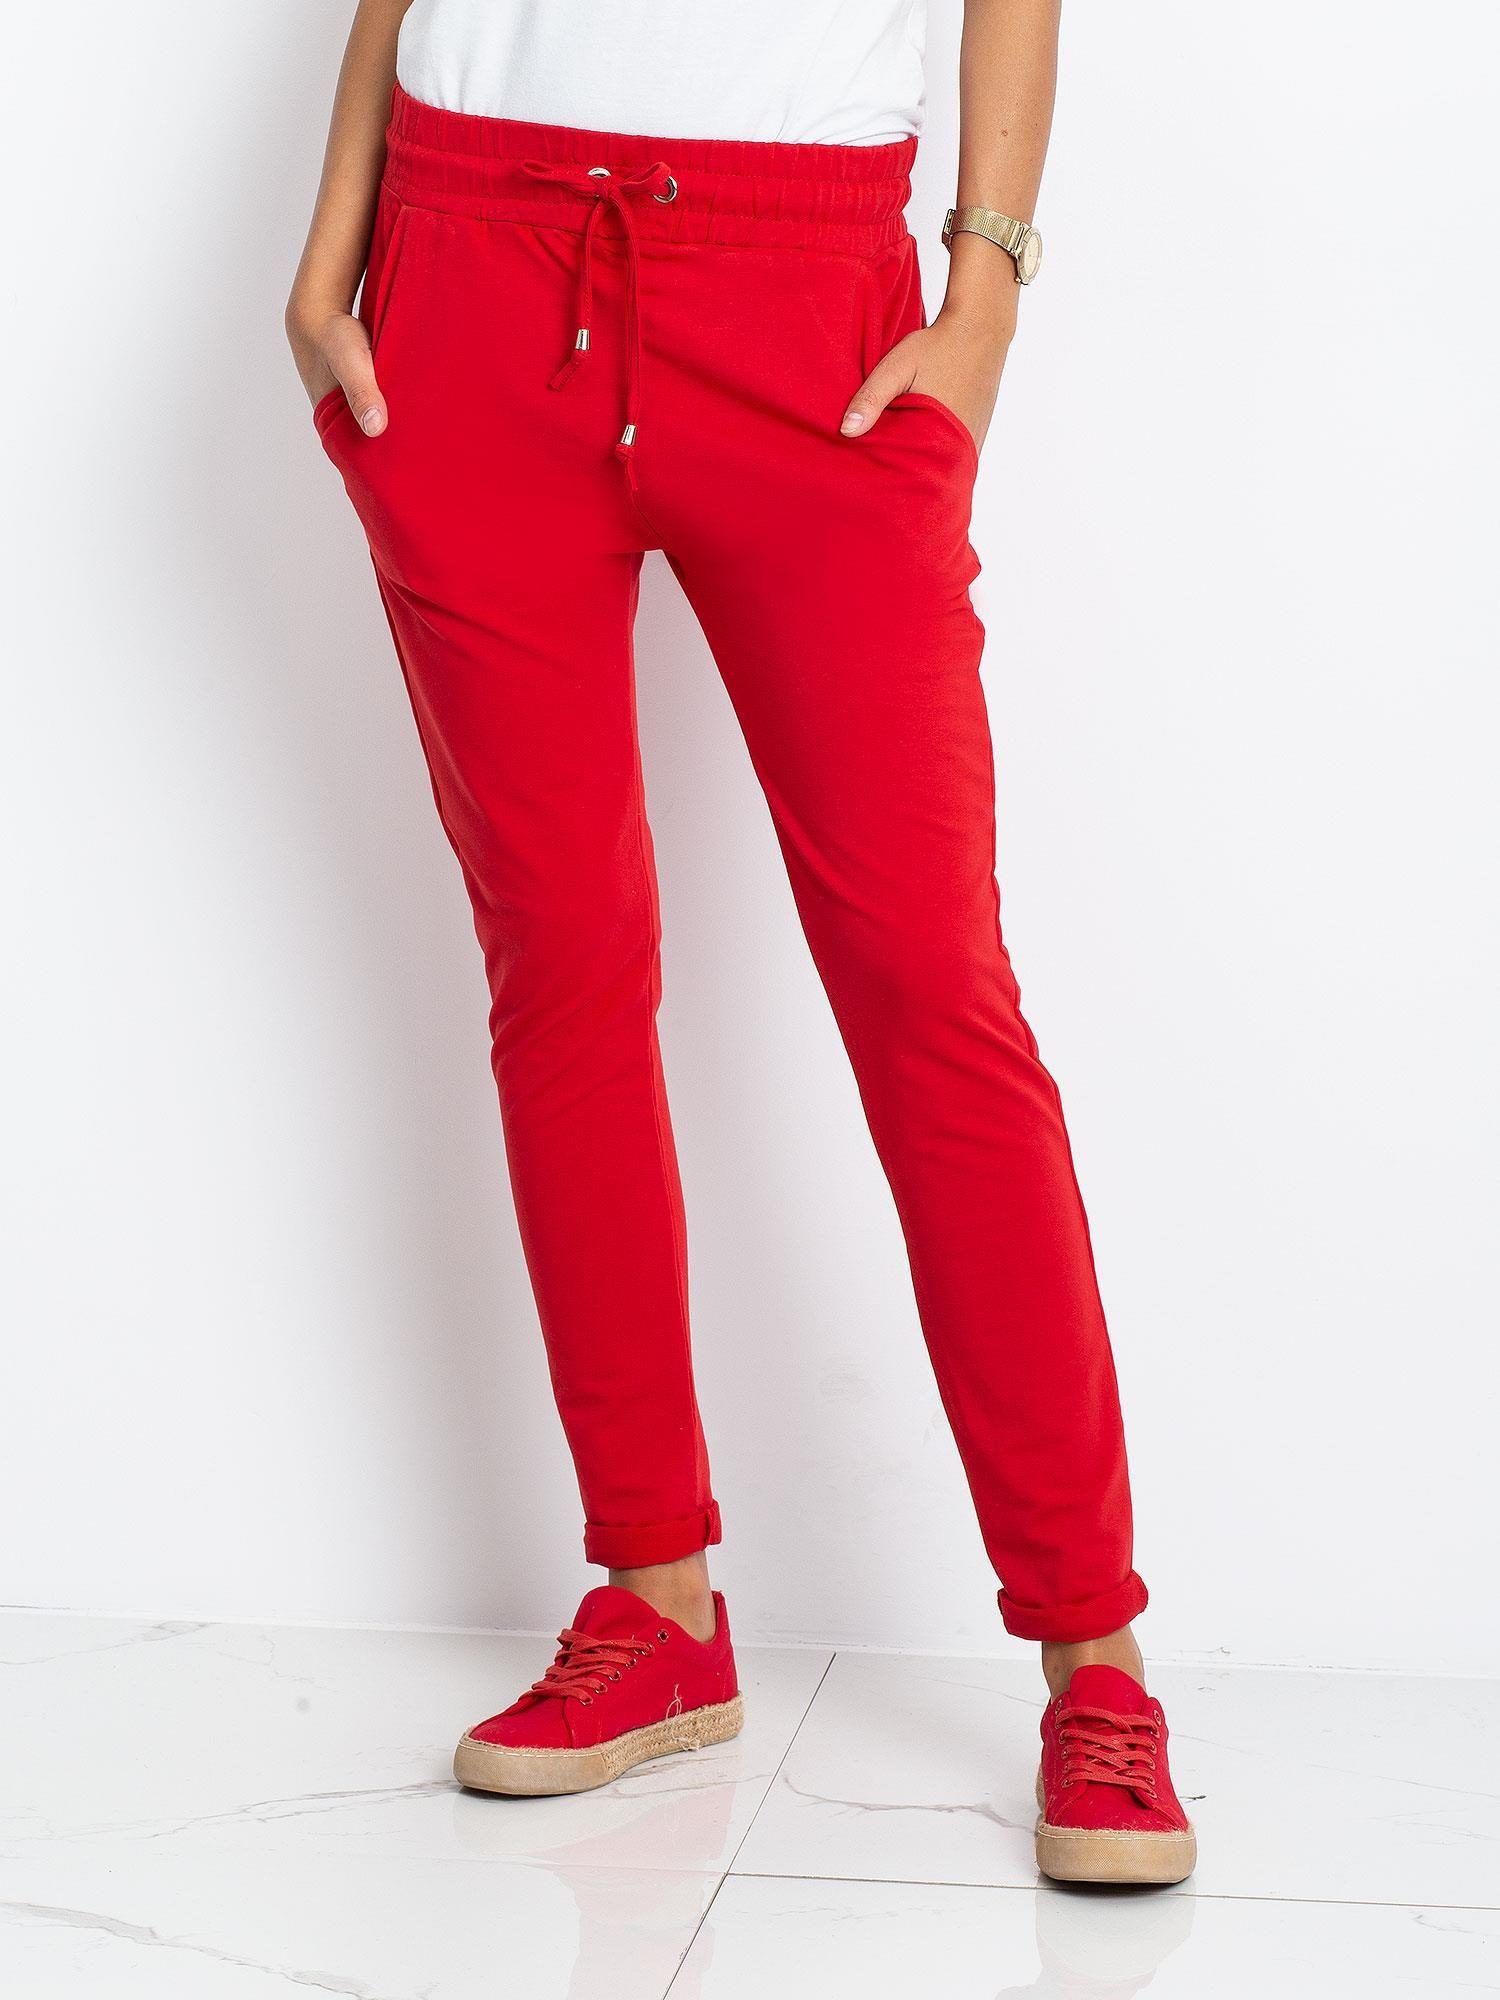 Dámske červené bavlnené tepláky XS